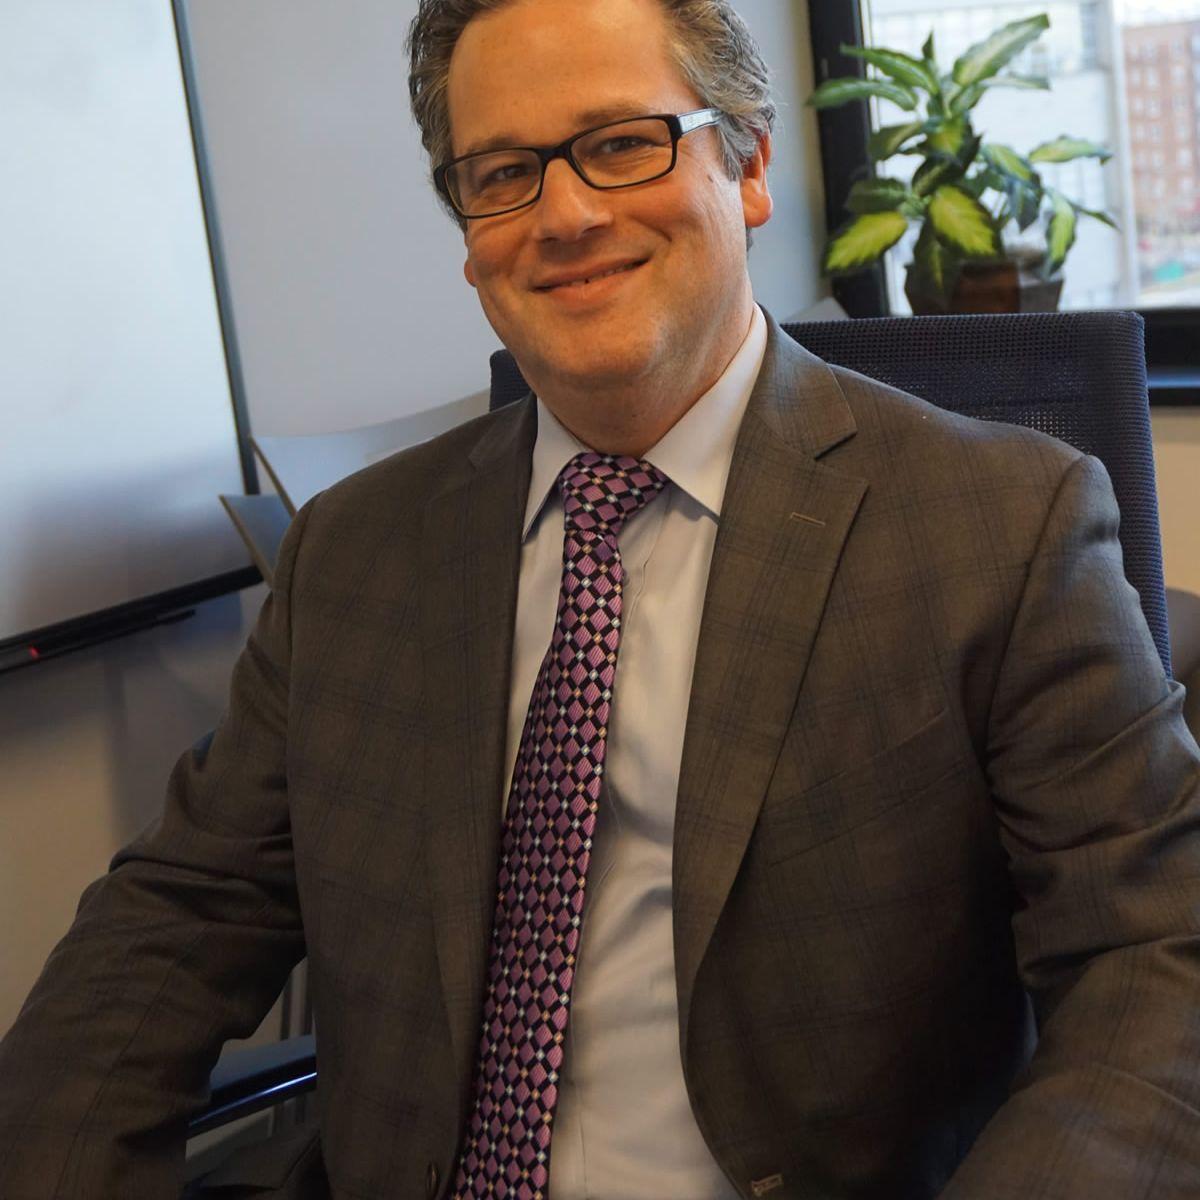 Steve Donowitz